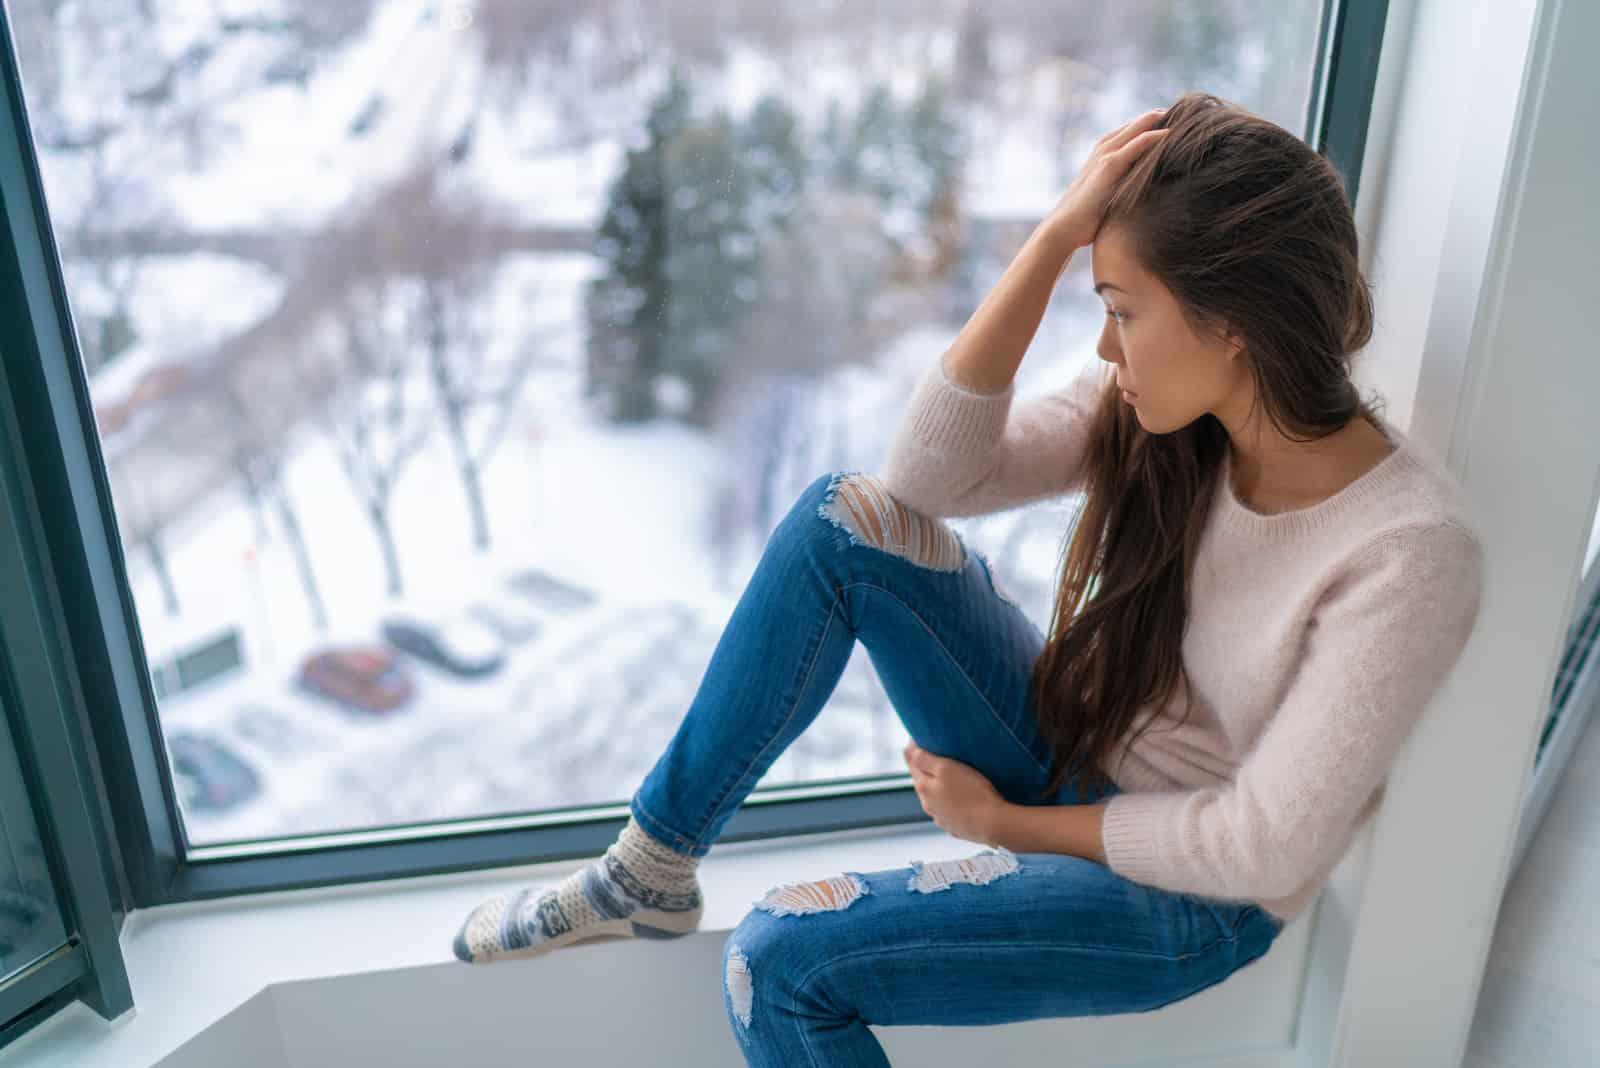 une femme déçue s'assoit et regarde par la fenêtre